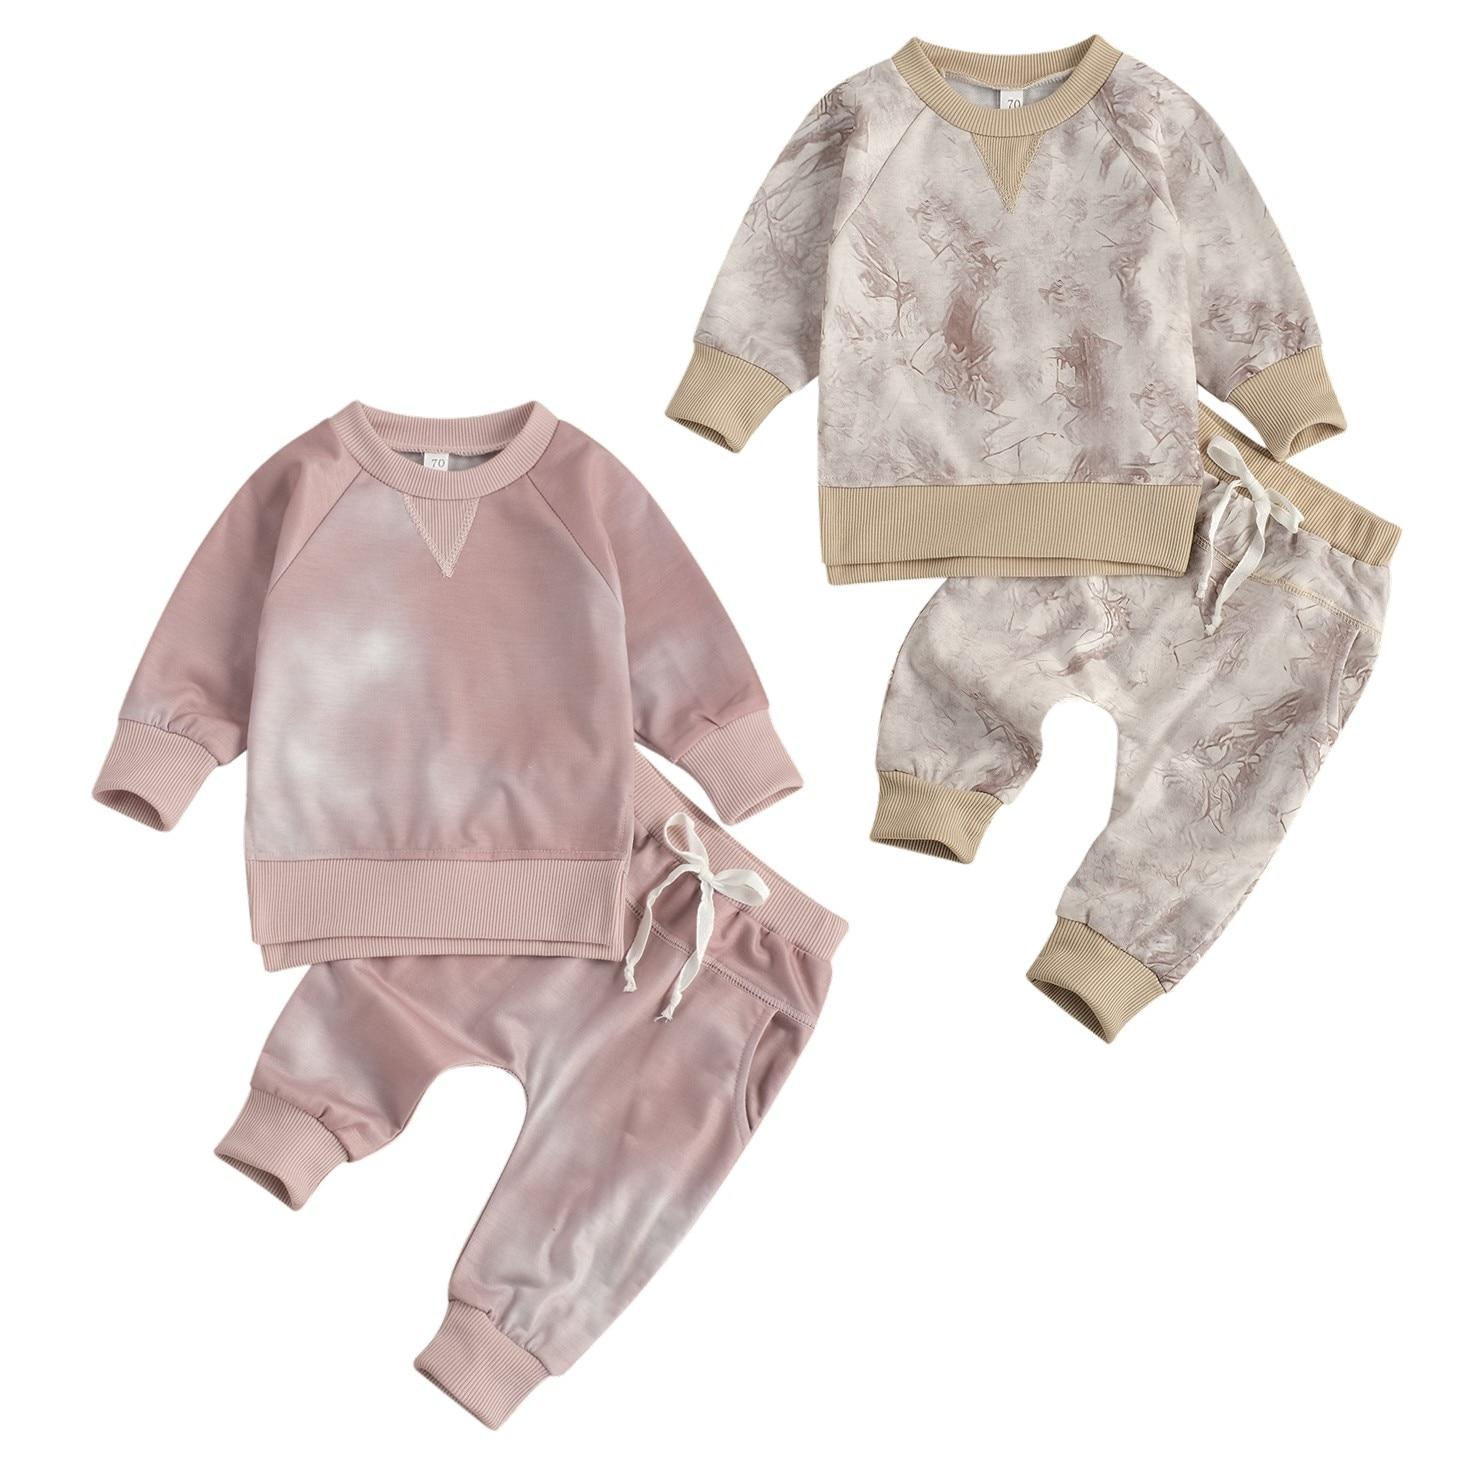 2 предмета Одежда для новорожденных девочек, галстук для мальчиков краситель наряды, одежда для детей с длинным рукавом, пуловер с круглым в...